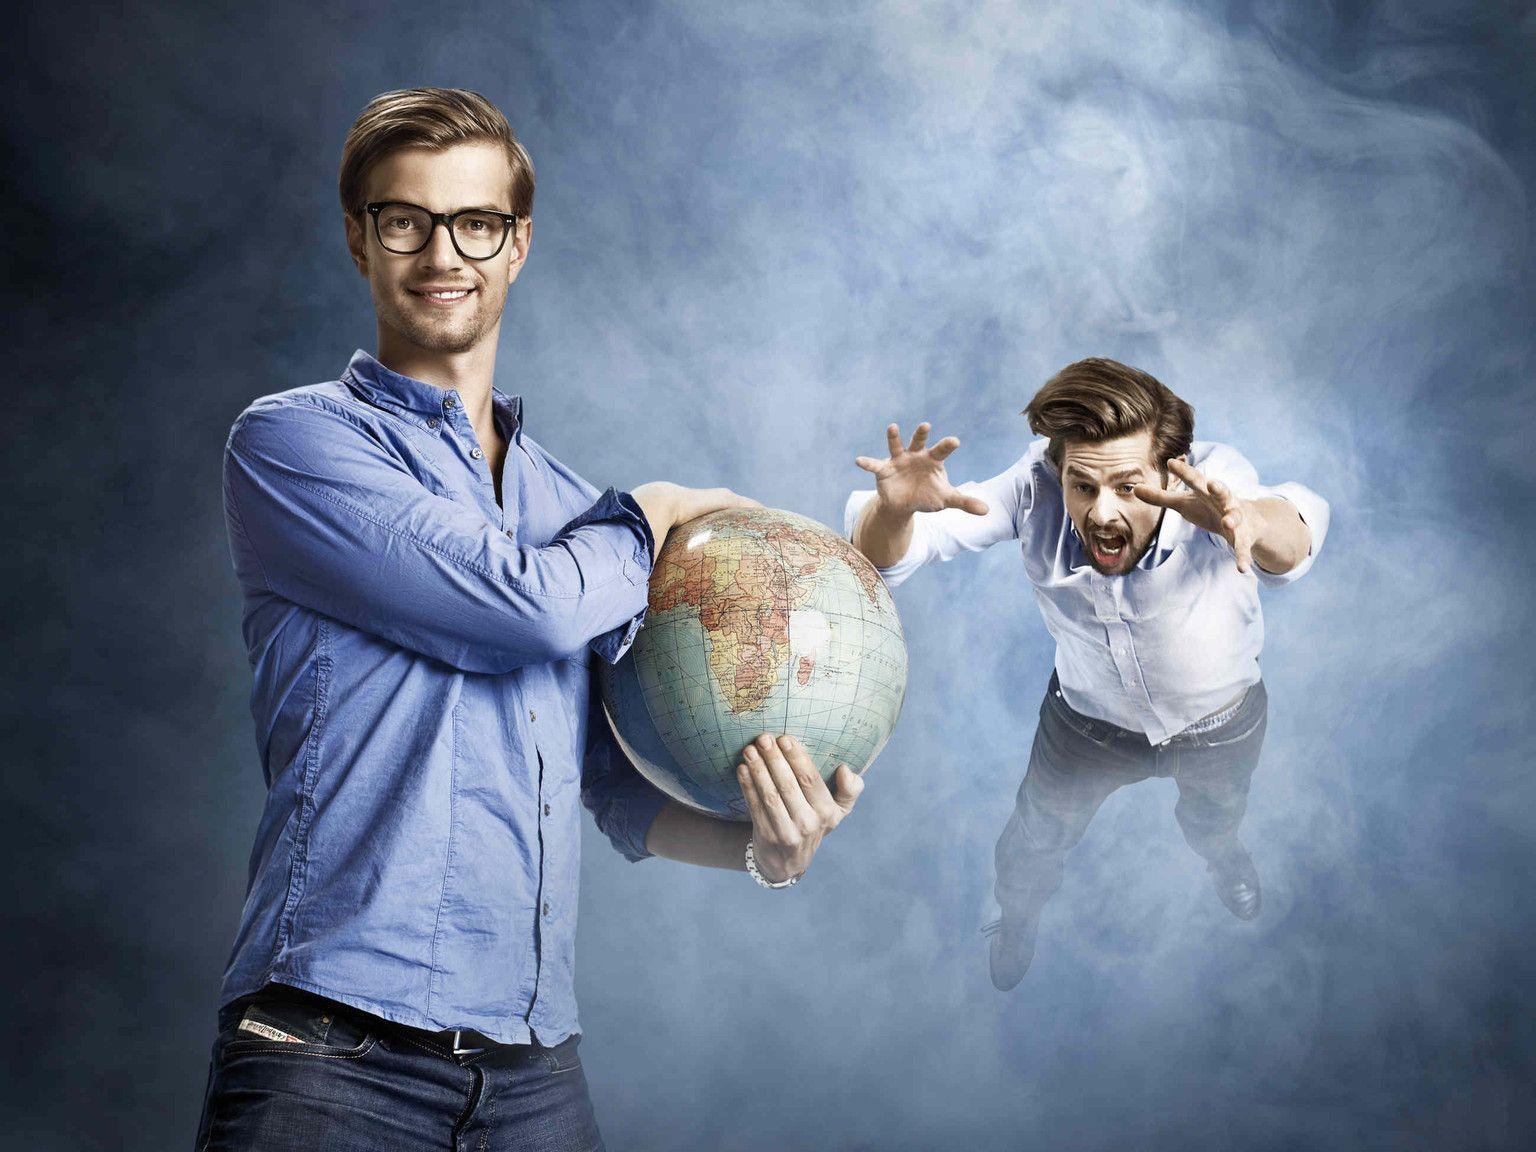 Joko Gegen Klaas Das Duell Um Die Welt Heute Abend Auf Pro7 Starsontv Joko Und Klaas Joko Winterscheidt Klaas